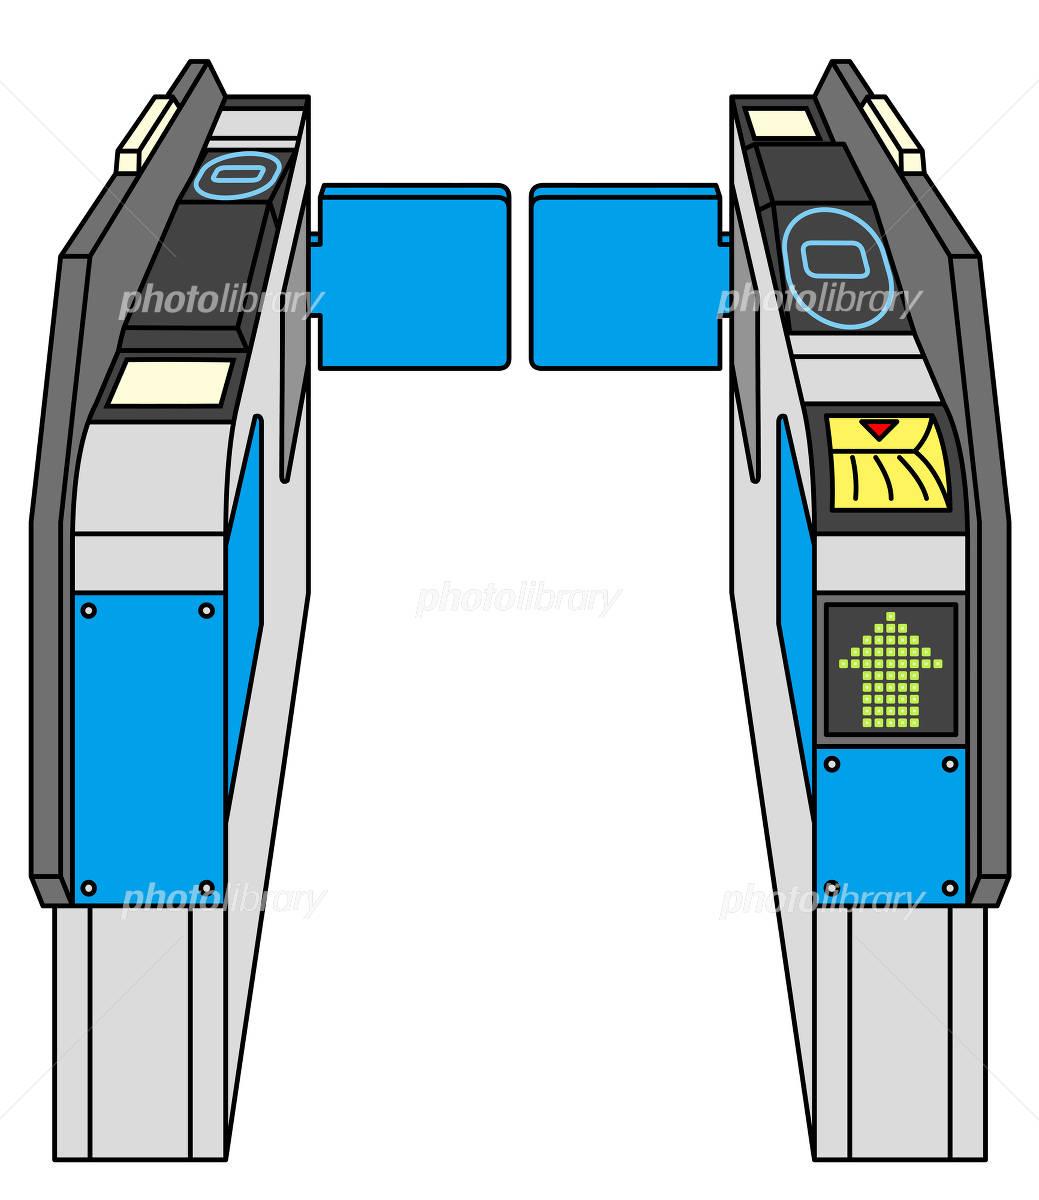 自動改札機のイラスト素材